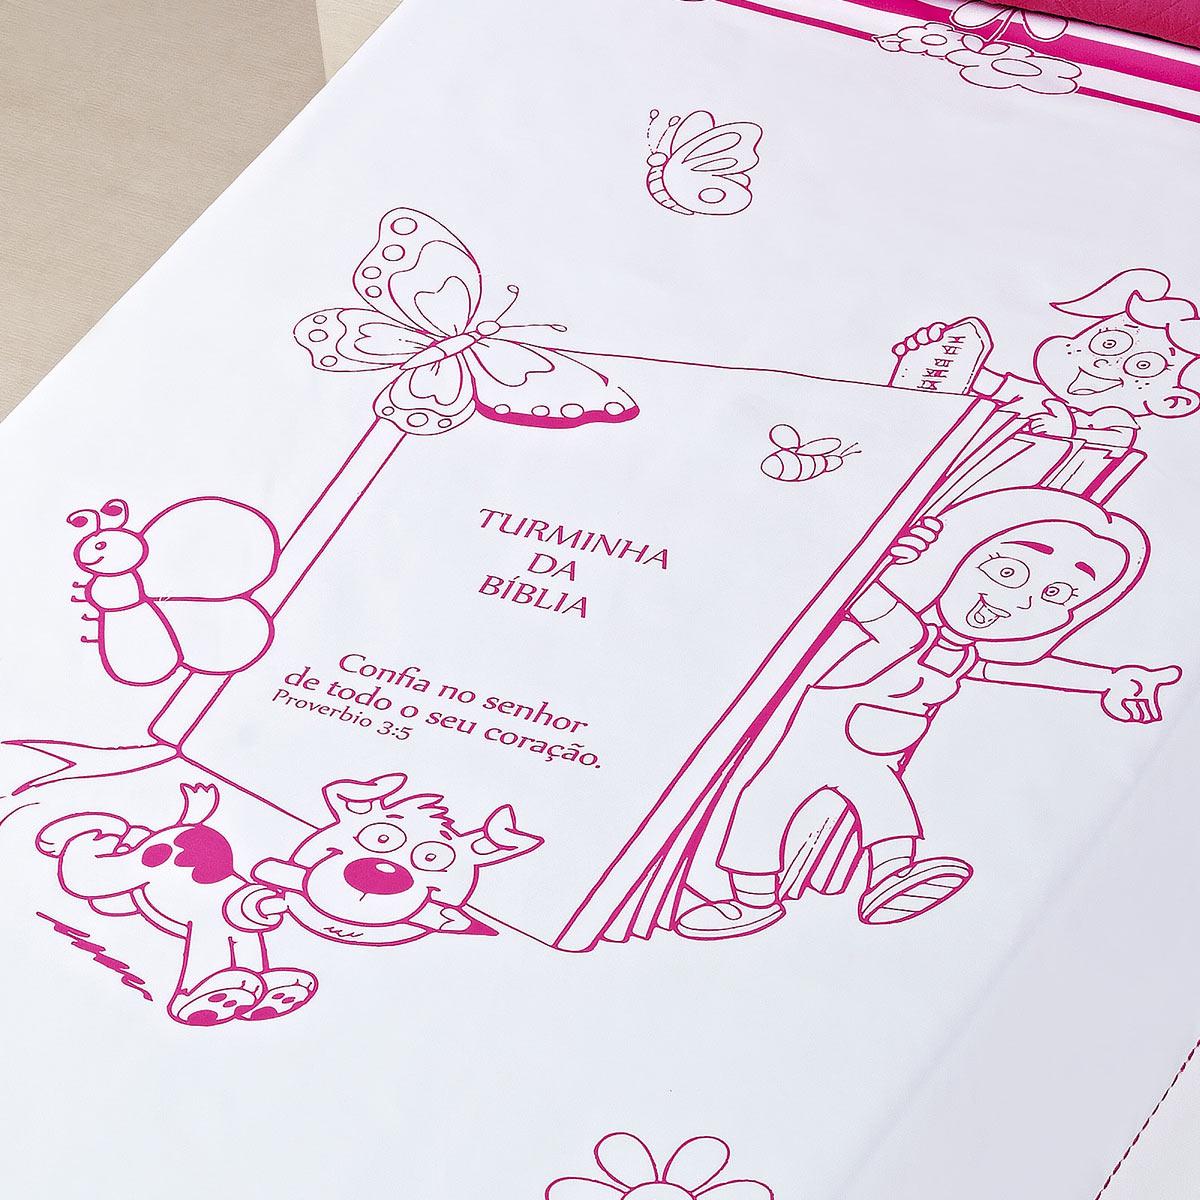 Colcha Turminha da Biblia Solteiro Pink com 2 peças Algodão e Poliester